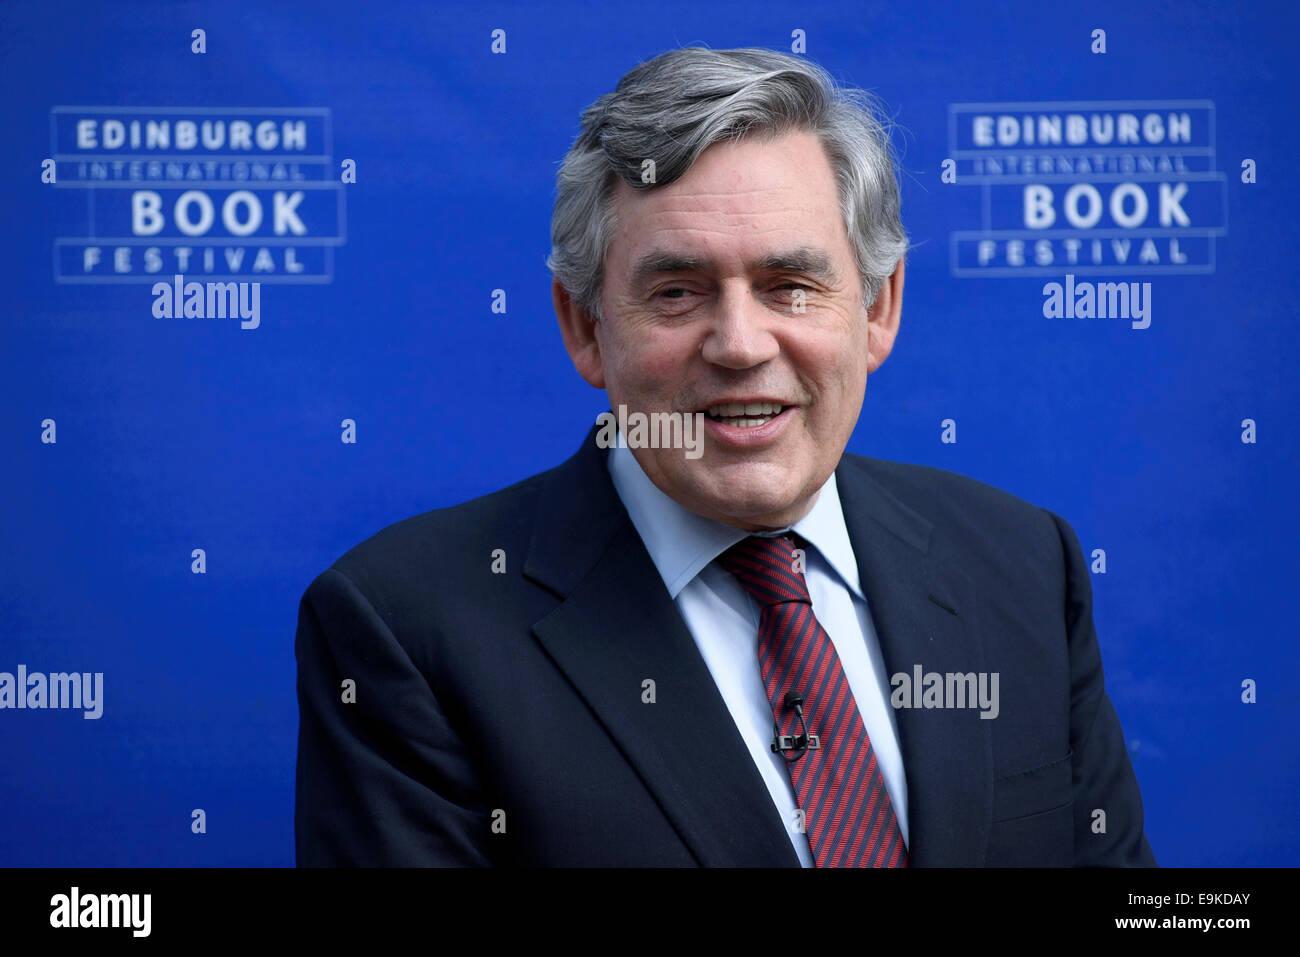 El ex primer ministro británico Gordon Brown aparece en el Edinburgh International Book Festival. Imagen De Stock